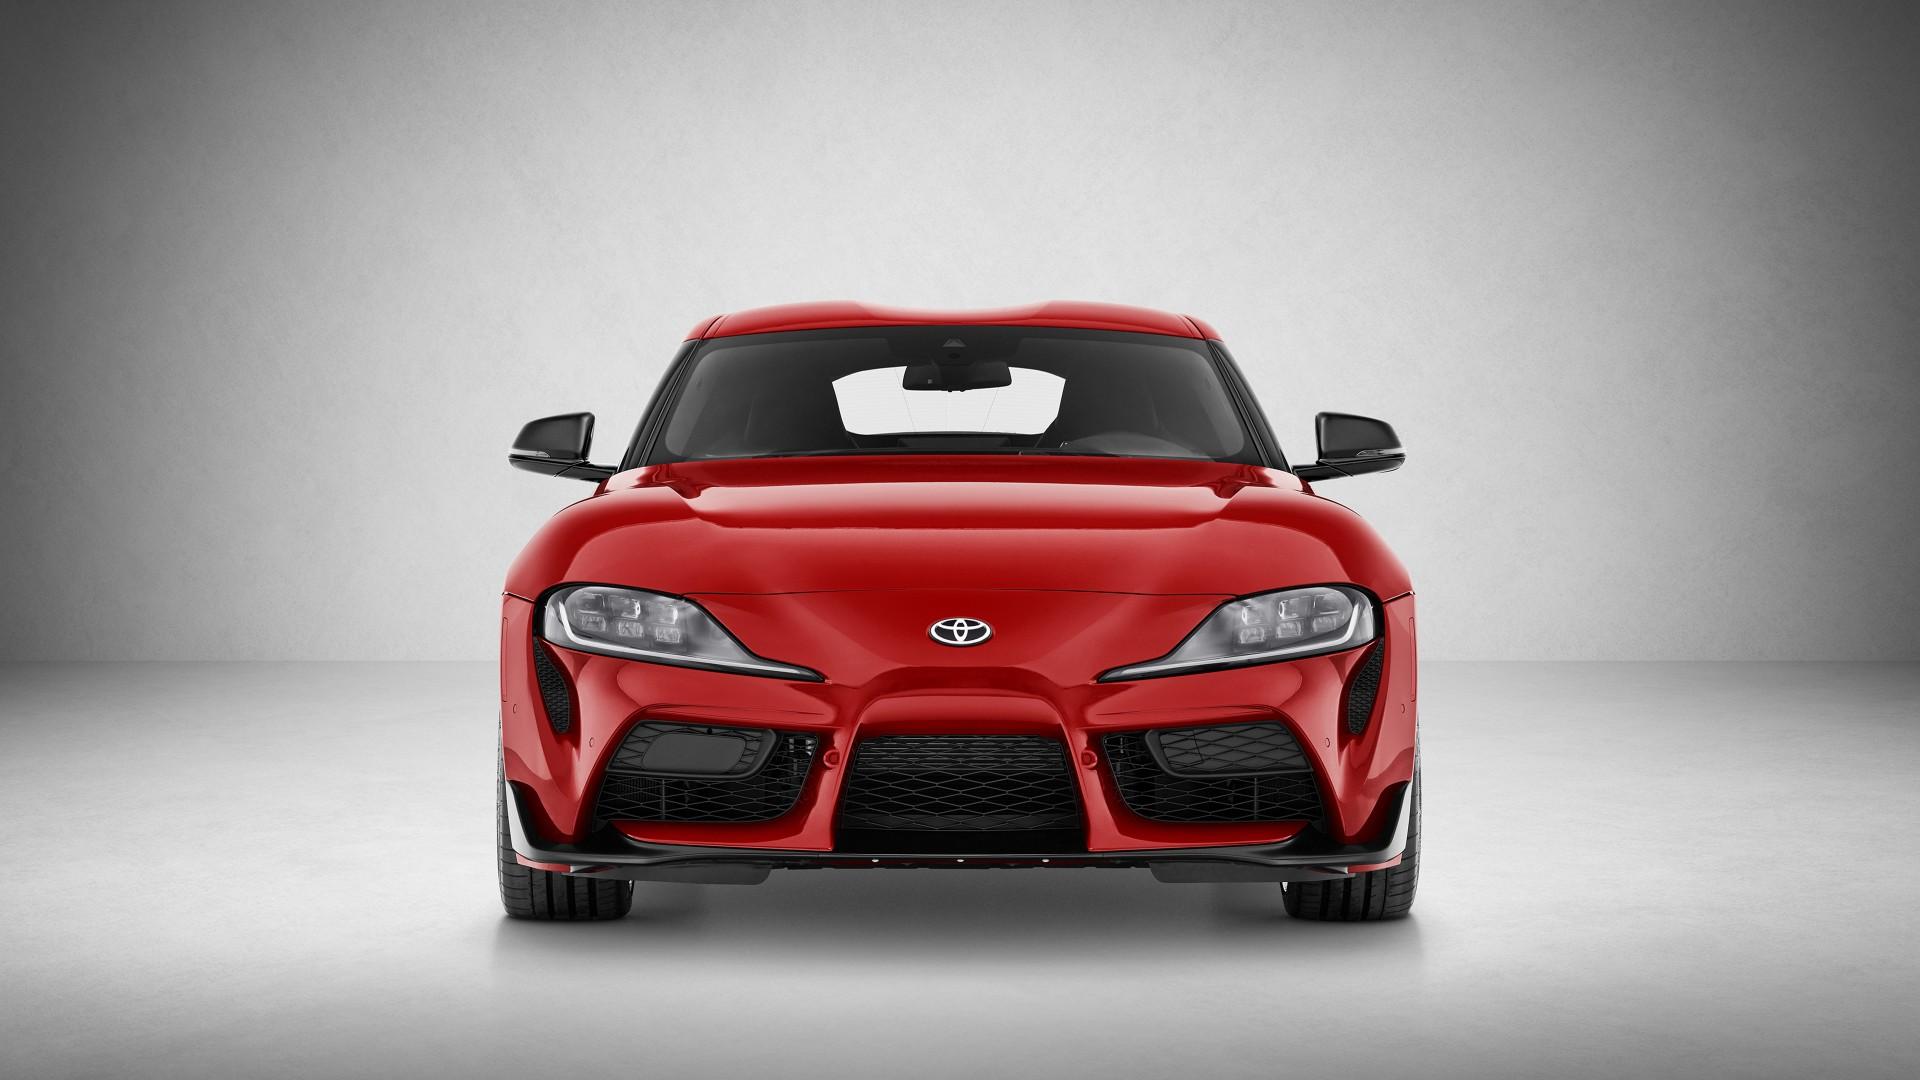 2020 Toyota GR Supra 4K 3 Wallpaper | HD Car Wallpapers ...